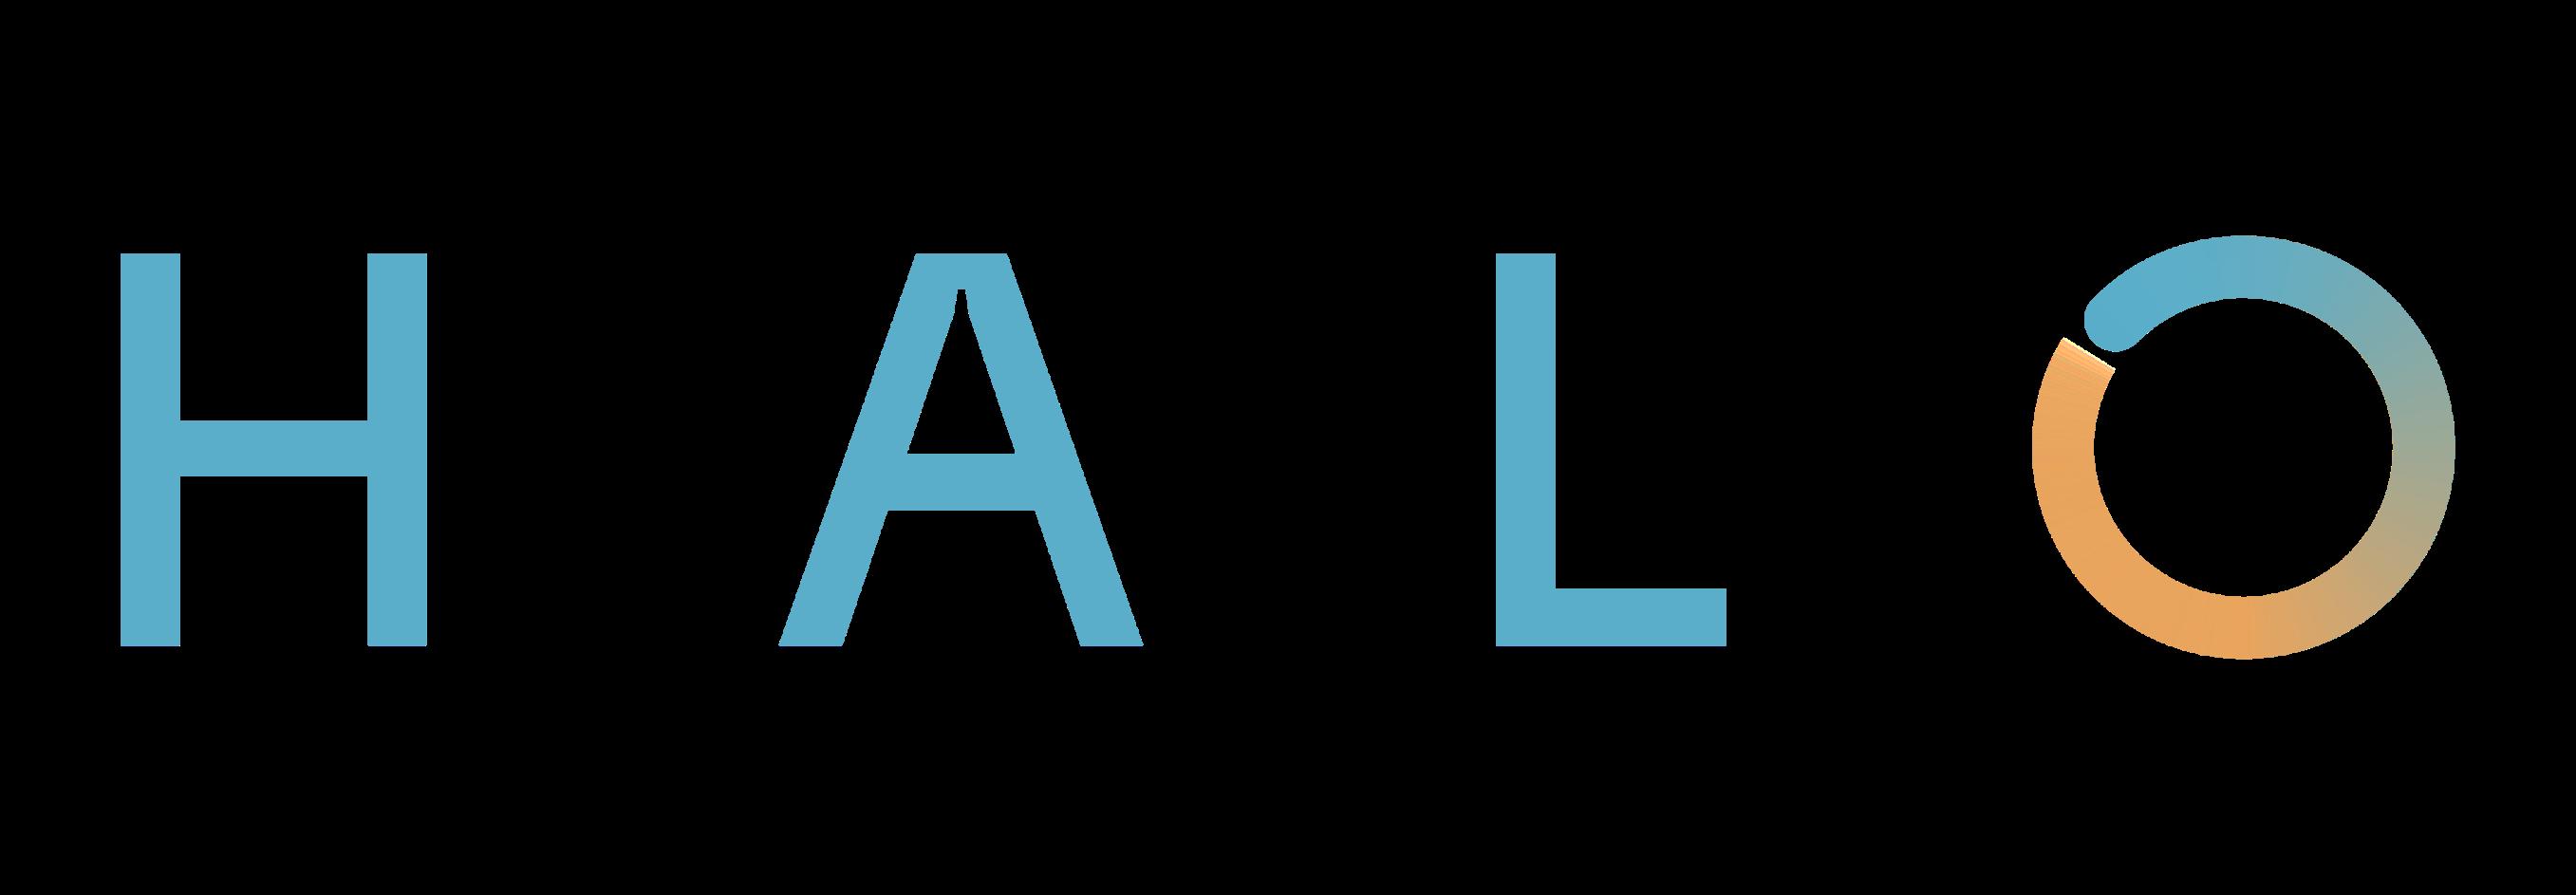 Halo logo f c